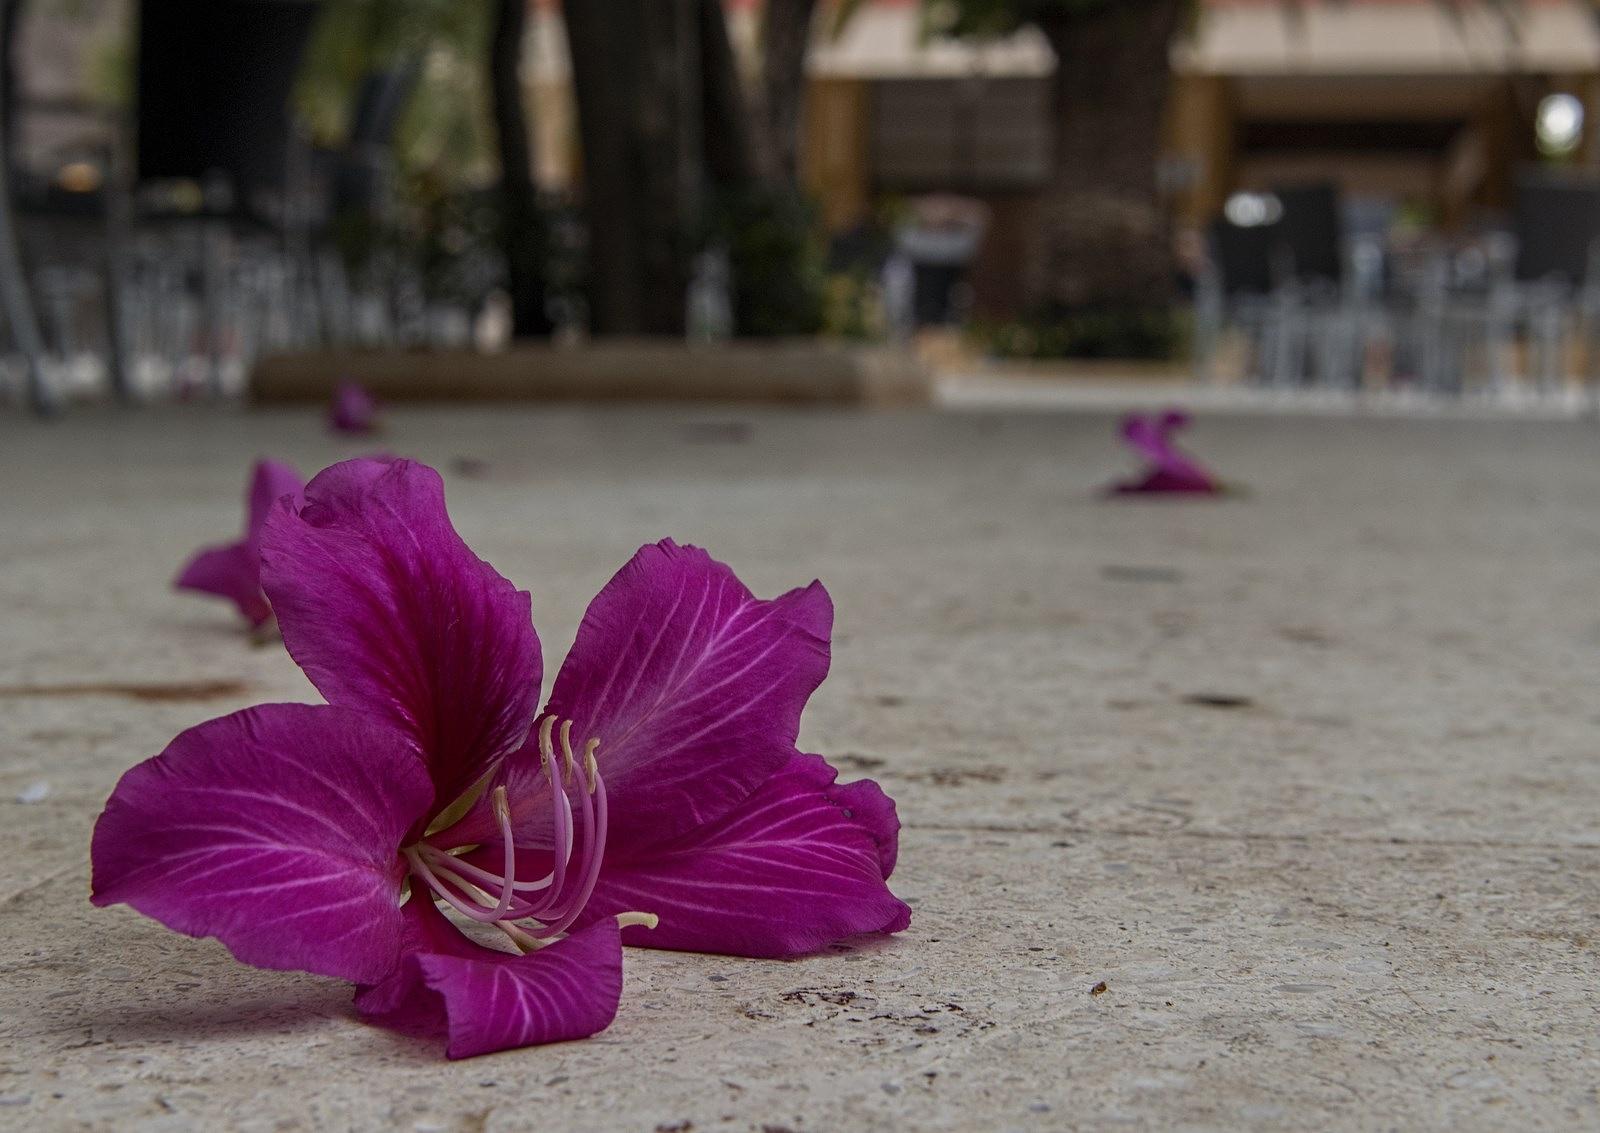 Flowers by Waldemar Sadlowski